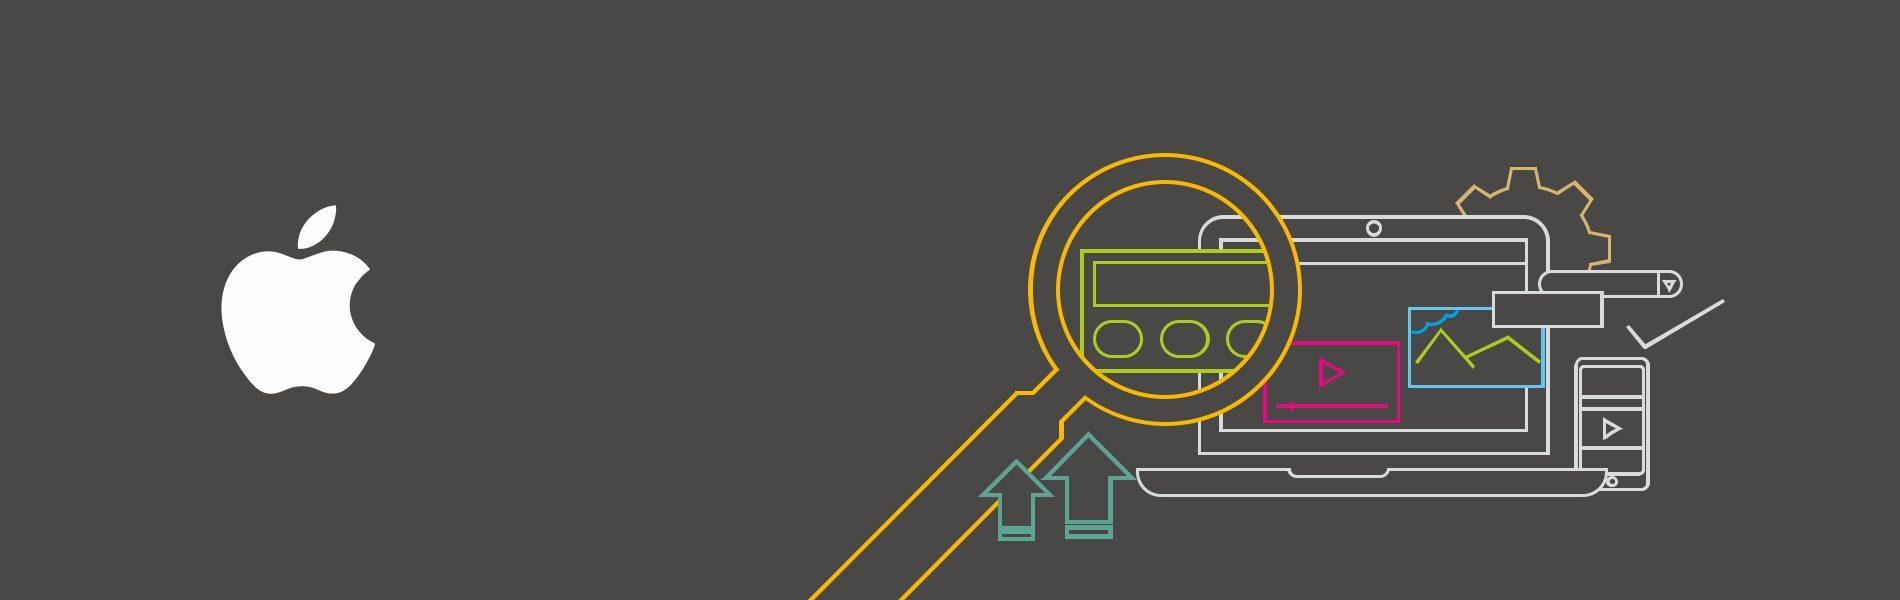 How to setup KIF for UI testing? | Tudip